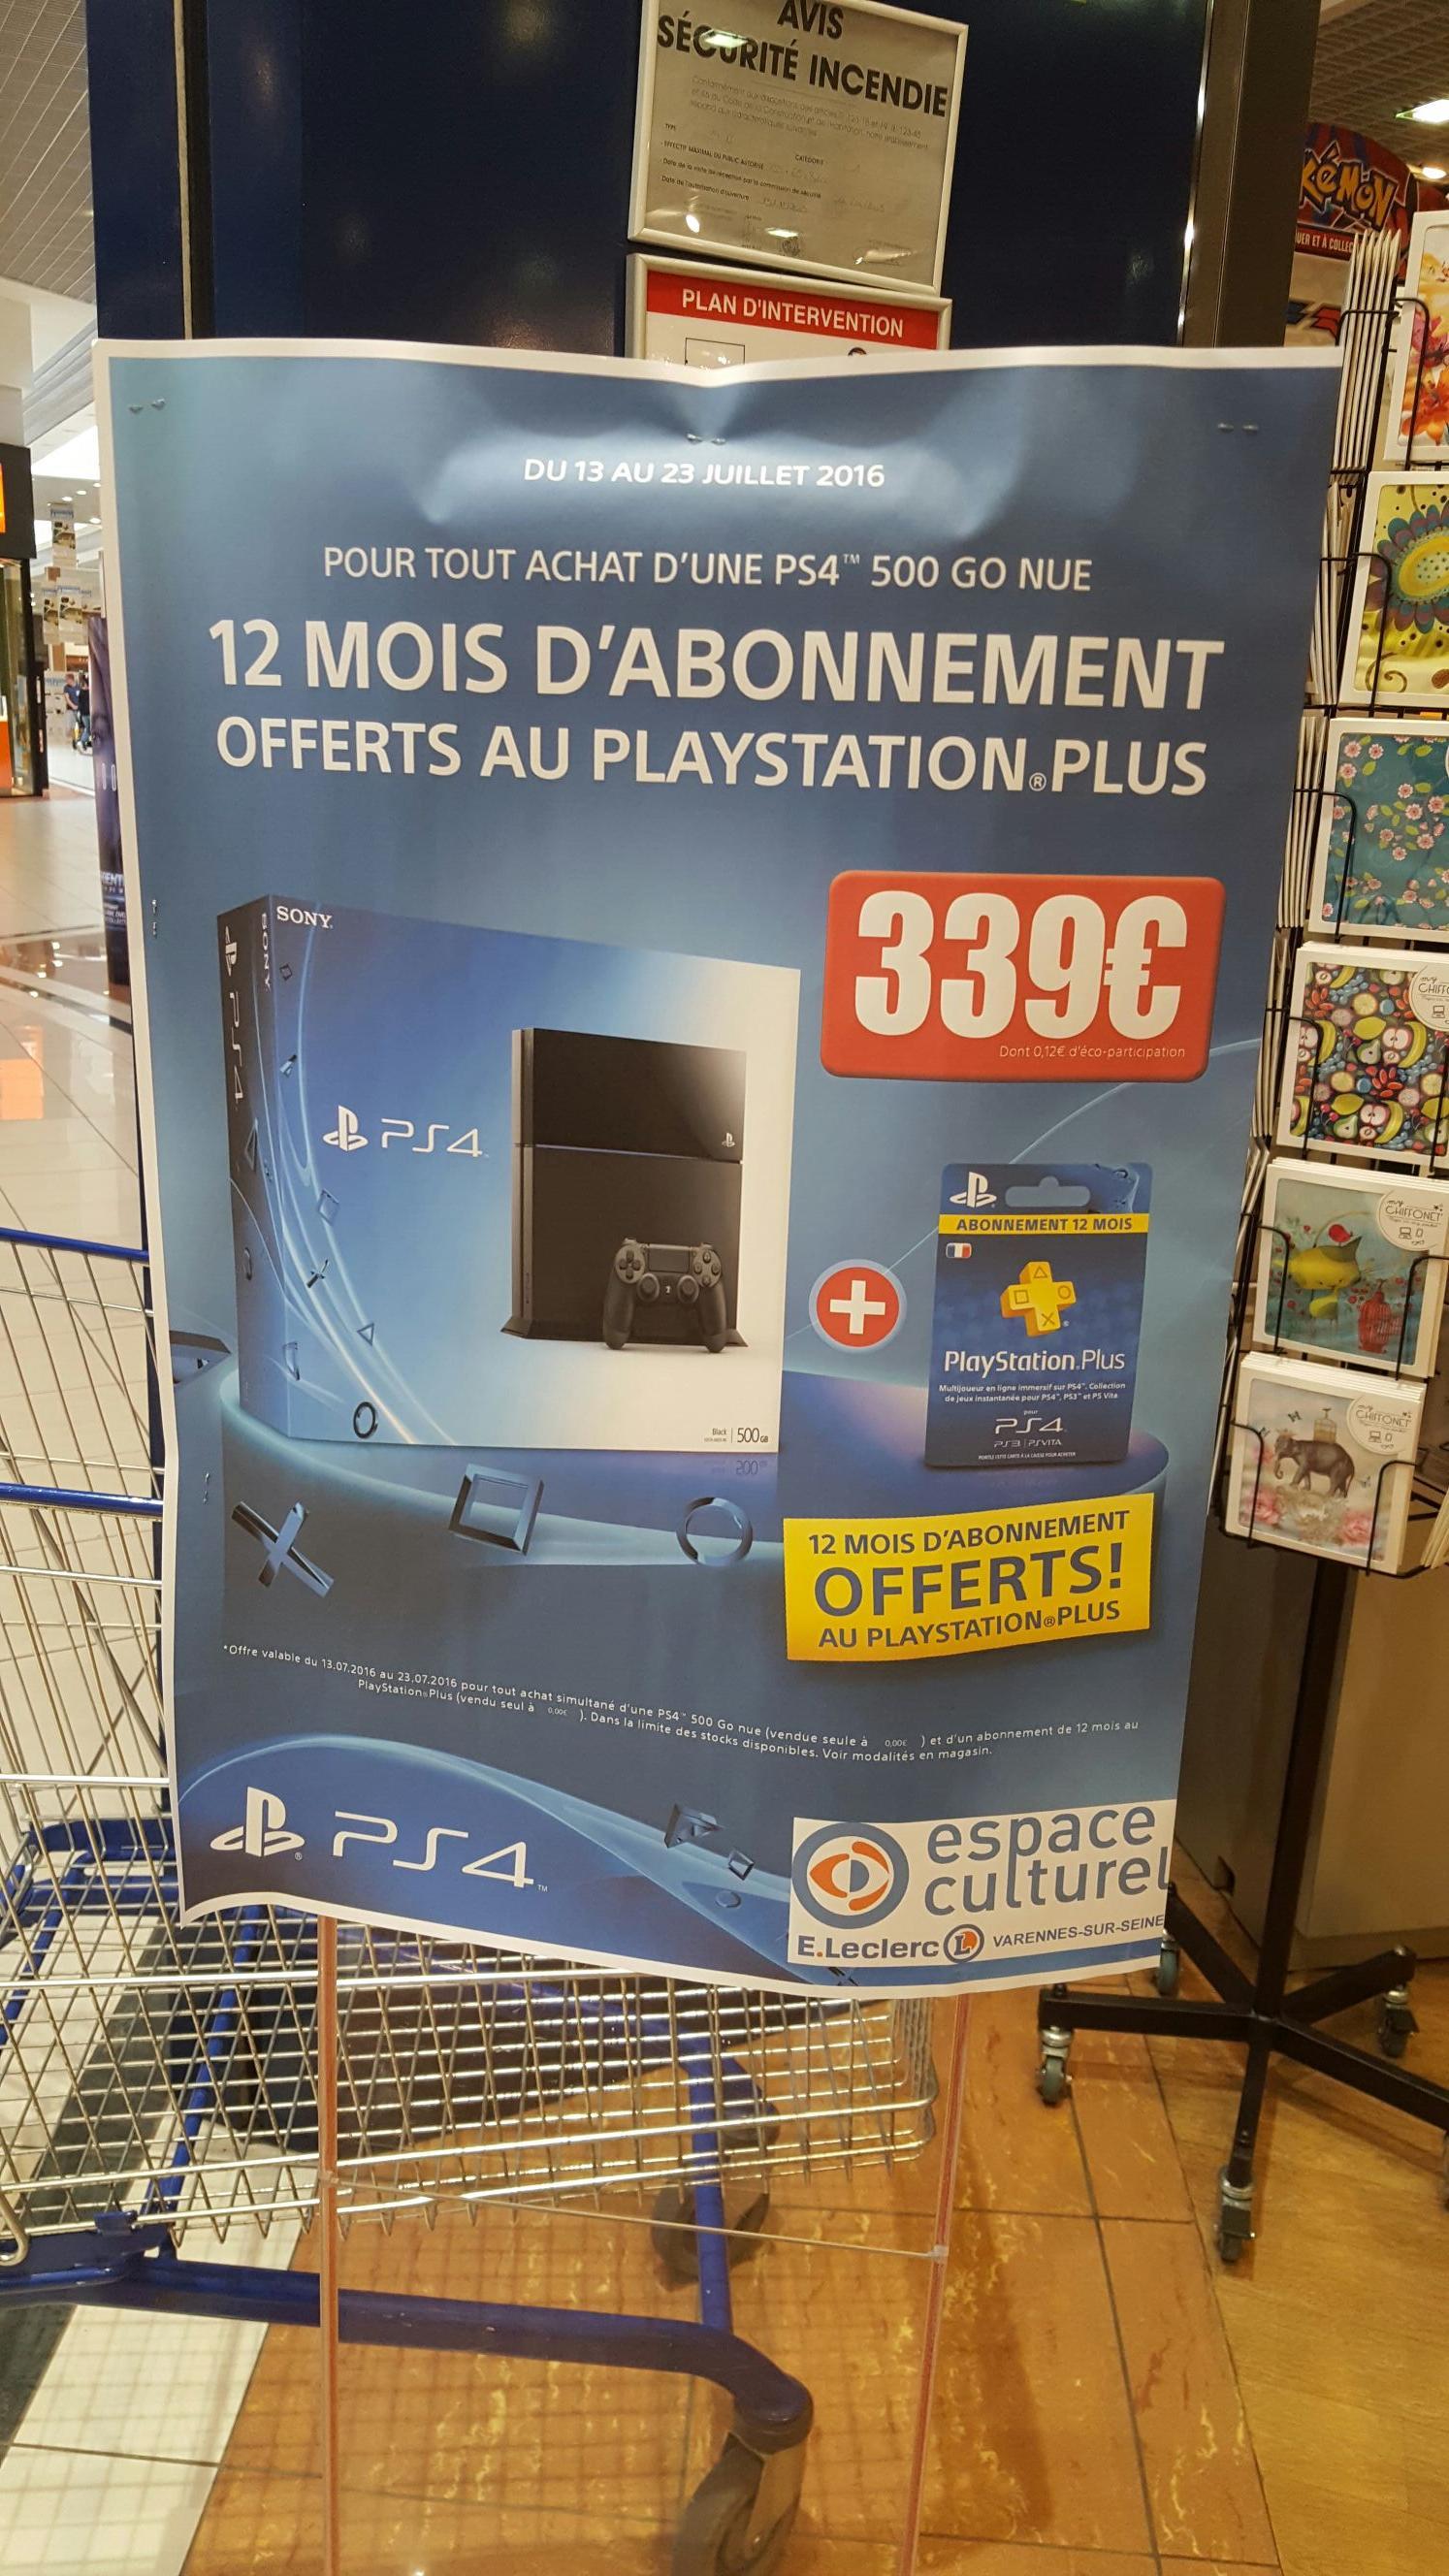 Console Sony PS4 + 12 mois d'abonnement PS Plus